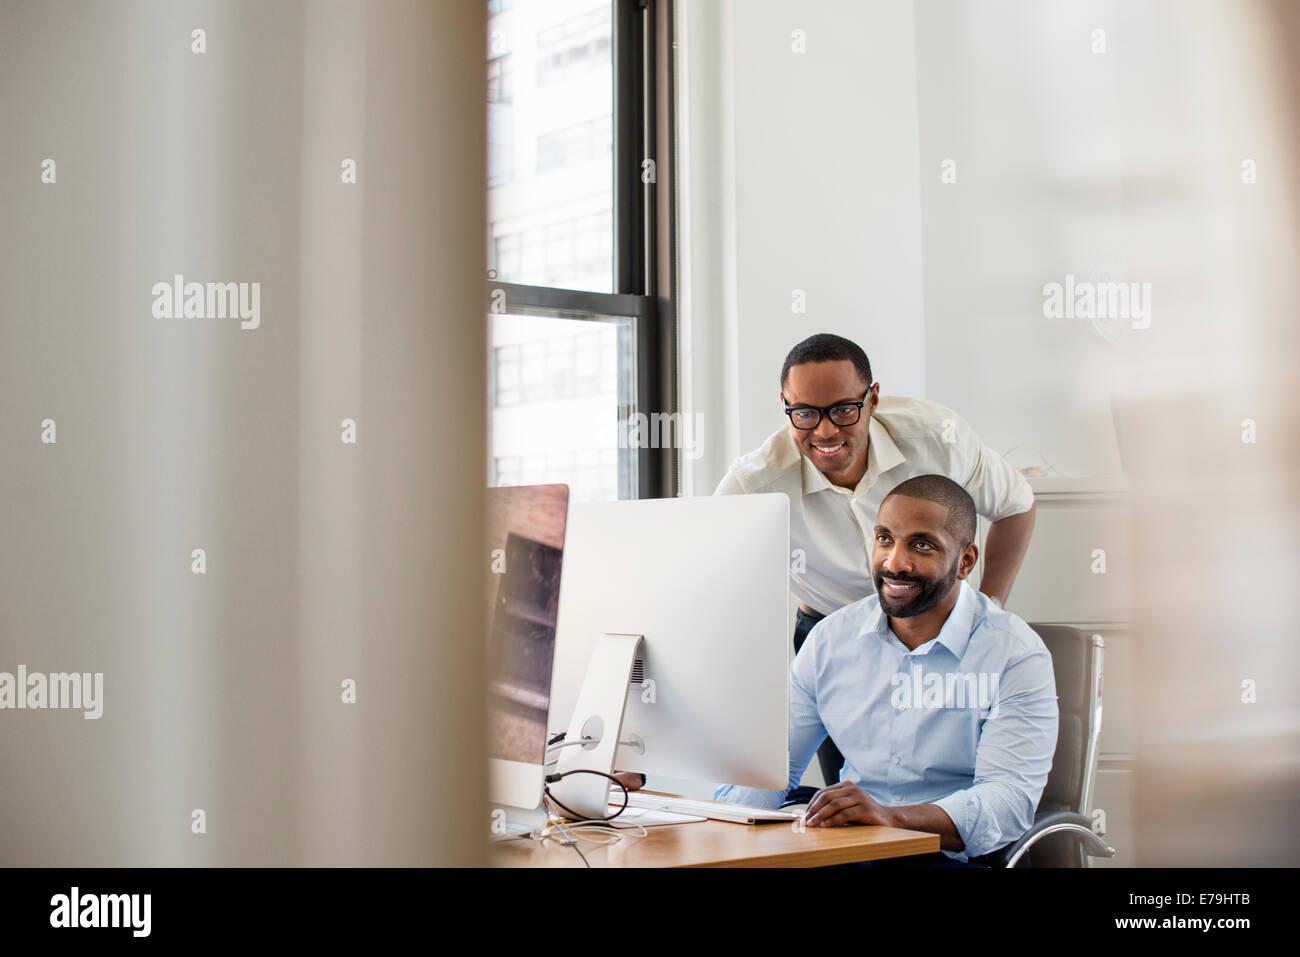 Zwei Männer auf der Suche auf einem Computer-Bildschirm in einem Büro. Stockbild